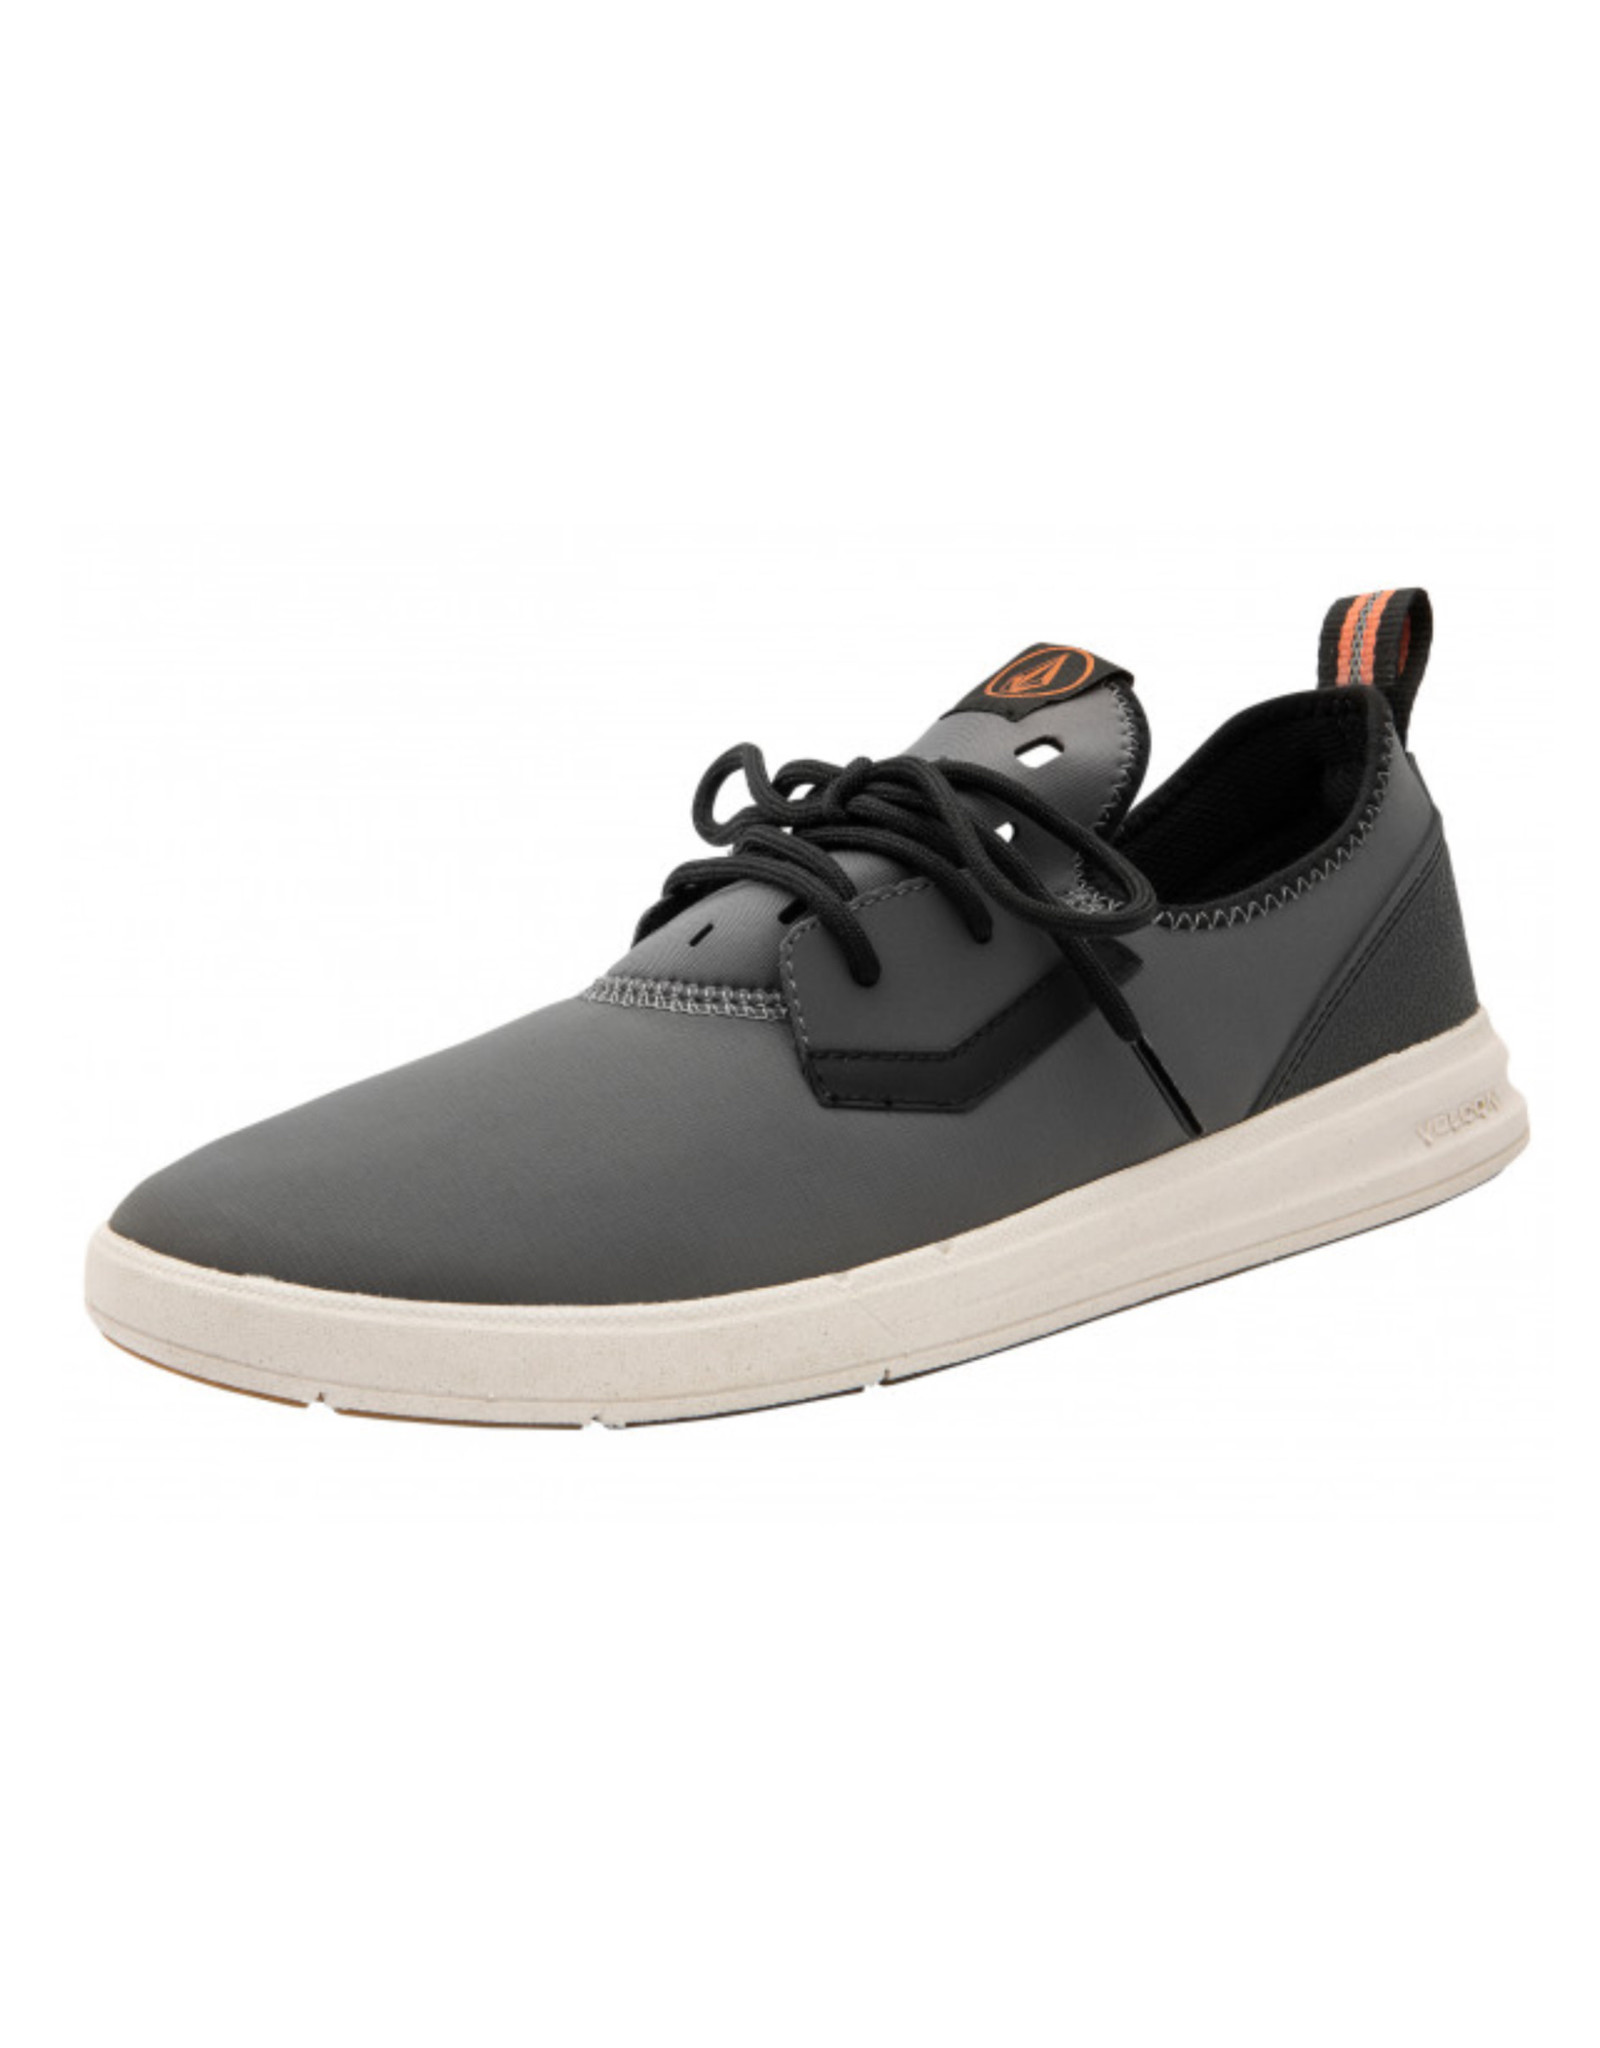 VOLCOM Draft Eco Shoe